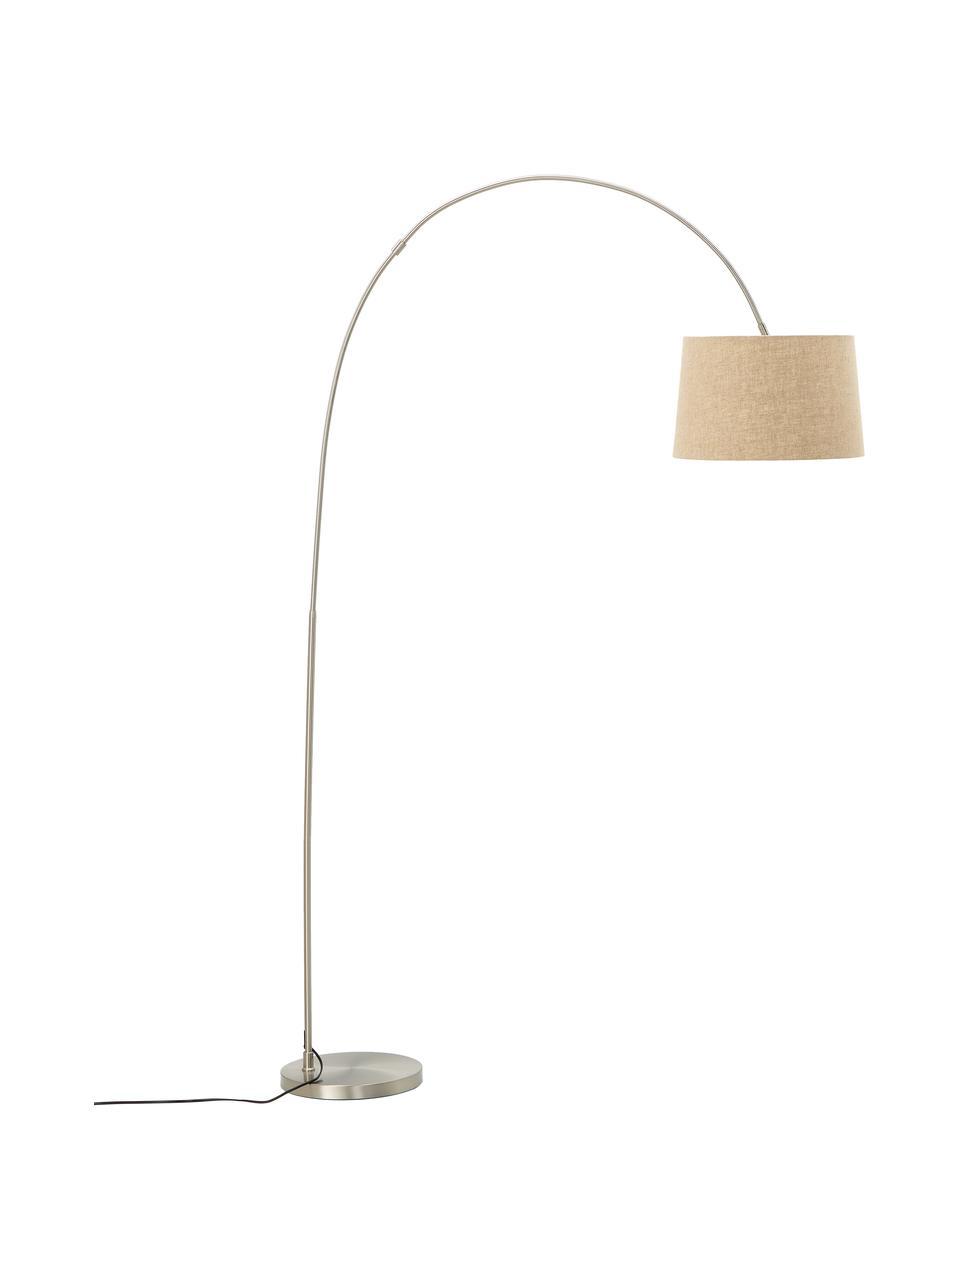 Grand lampadaire arc beige Laurence, Beige, couleur argentée